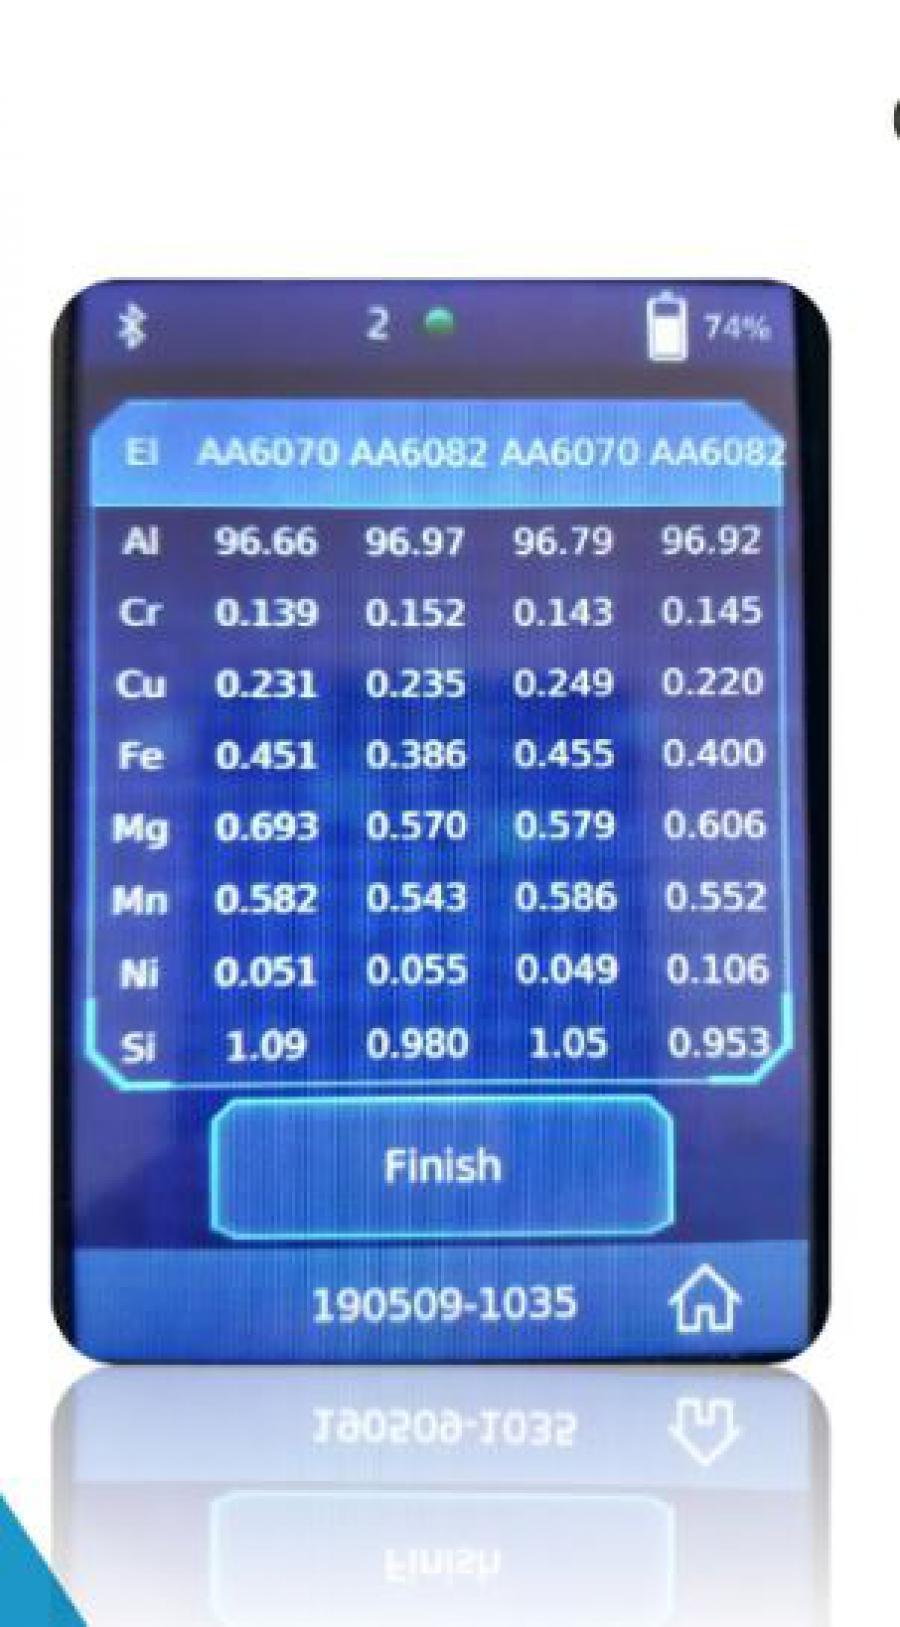 pmi,xrf aluminyum analiz cihazı,xrf analiz cihazı,kimyasal analiz